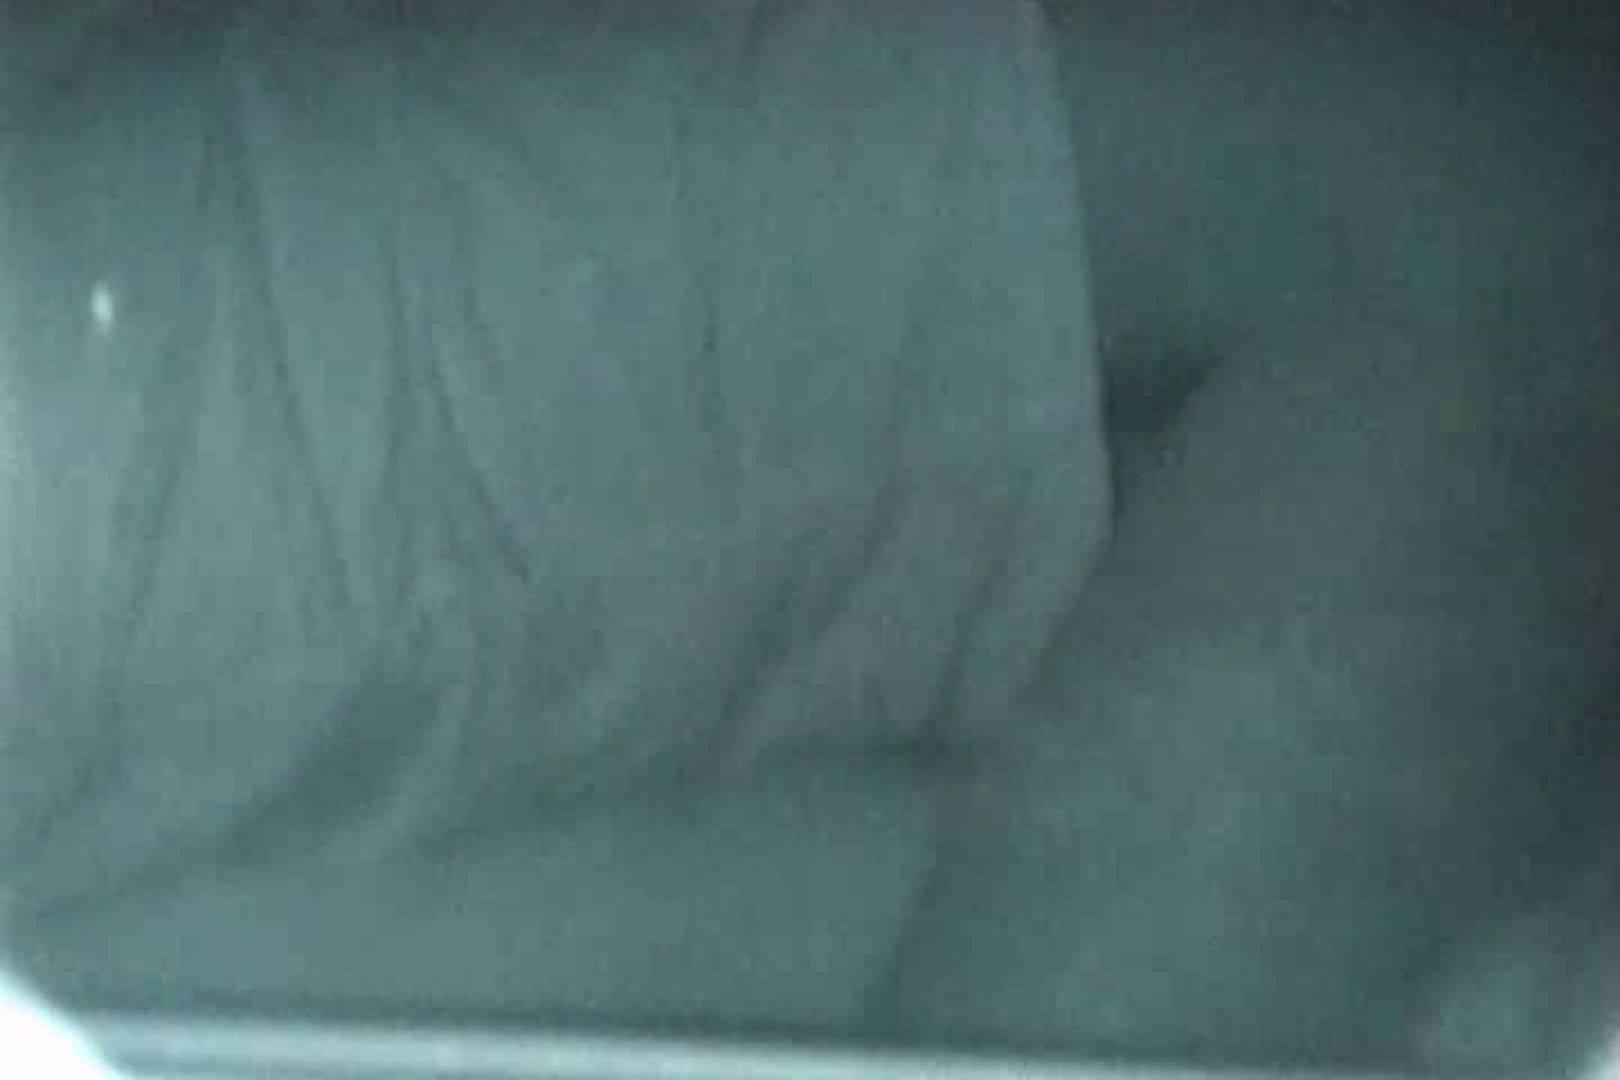 充血監督の深夜の運動会Vol.134 カップル セックス画像 103pic 56